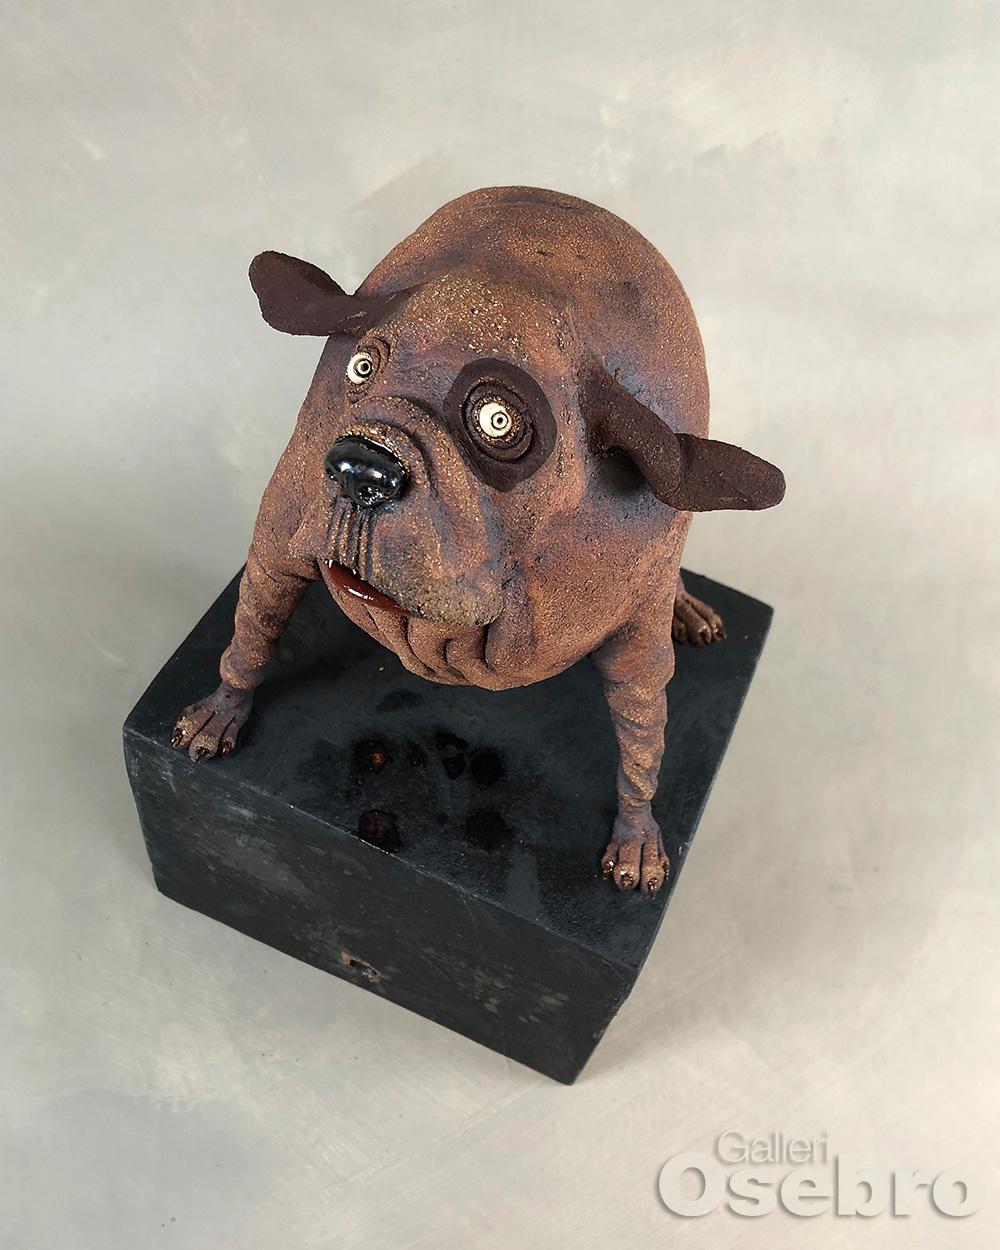 Skaug, Ole Martin - Liten hund på sokkel D